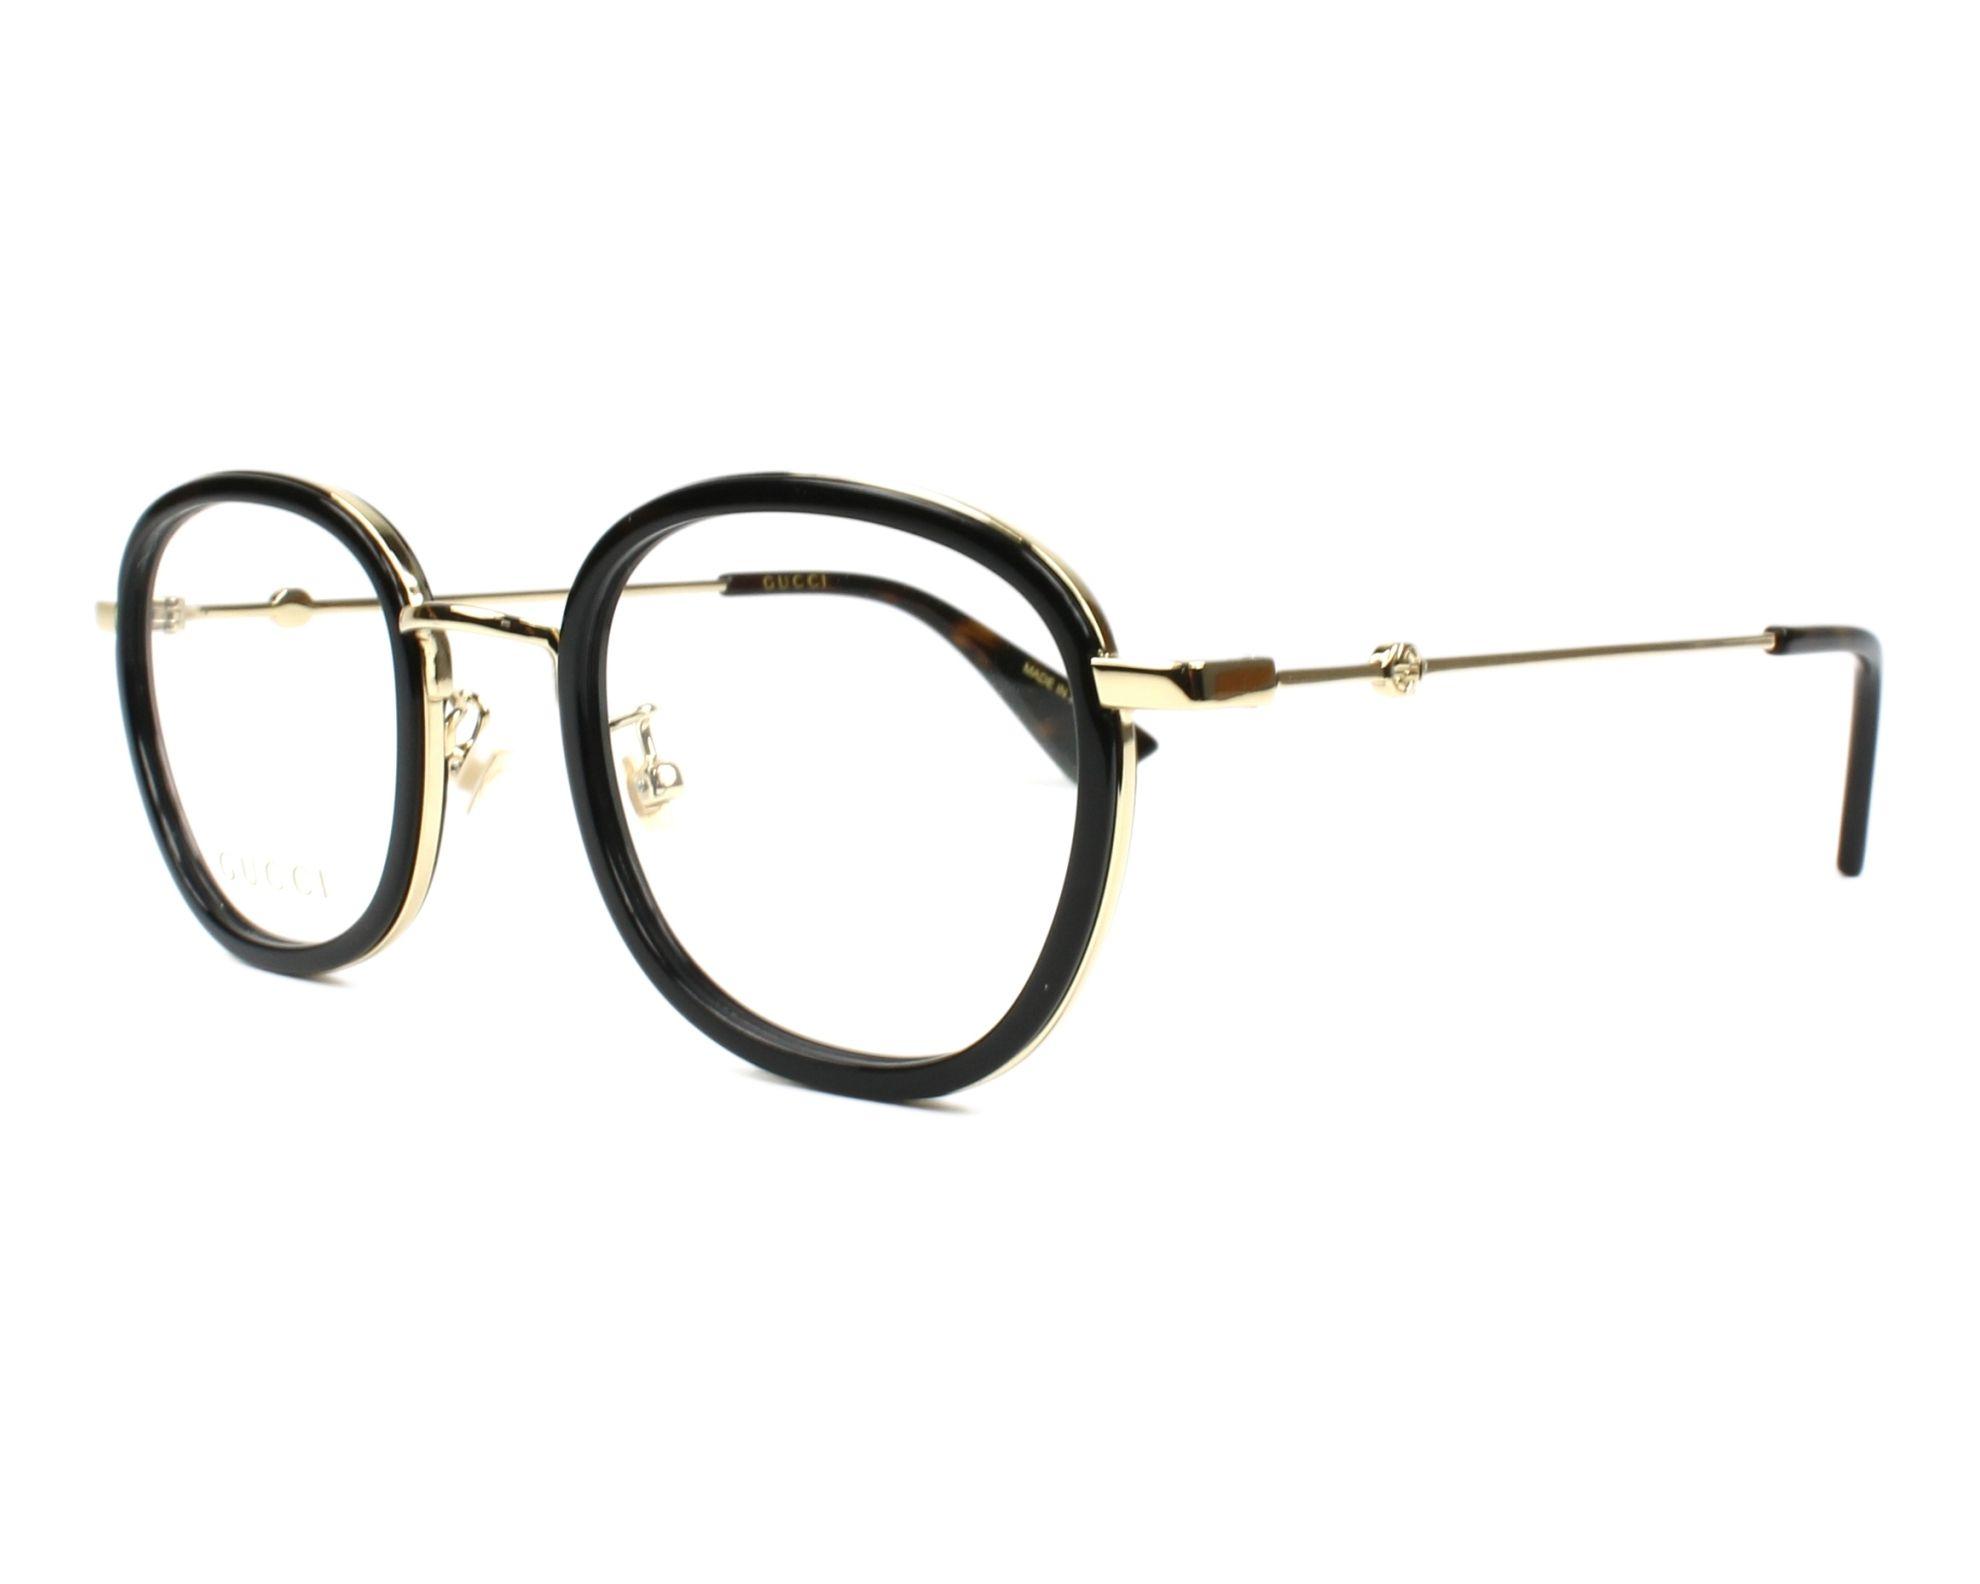 lunettes de vue gucci gg 0111 o 001 noir monture mixte. Black Bedroom Furniture Sets. Home Design Ideas